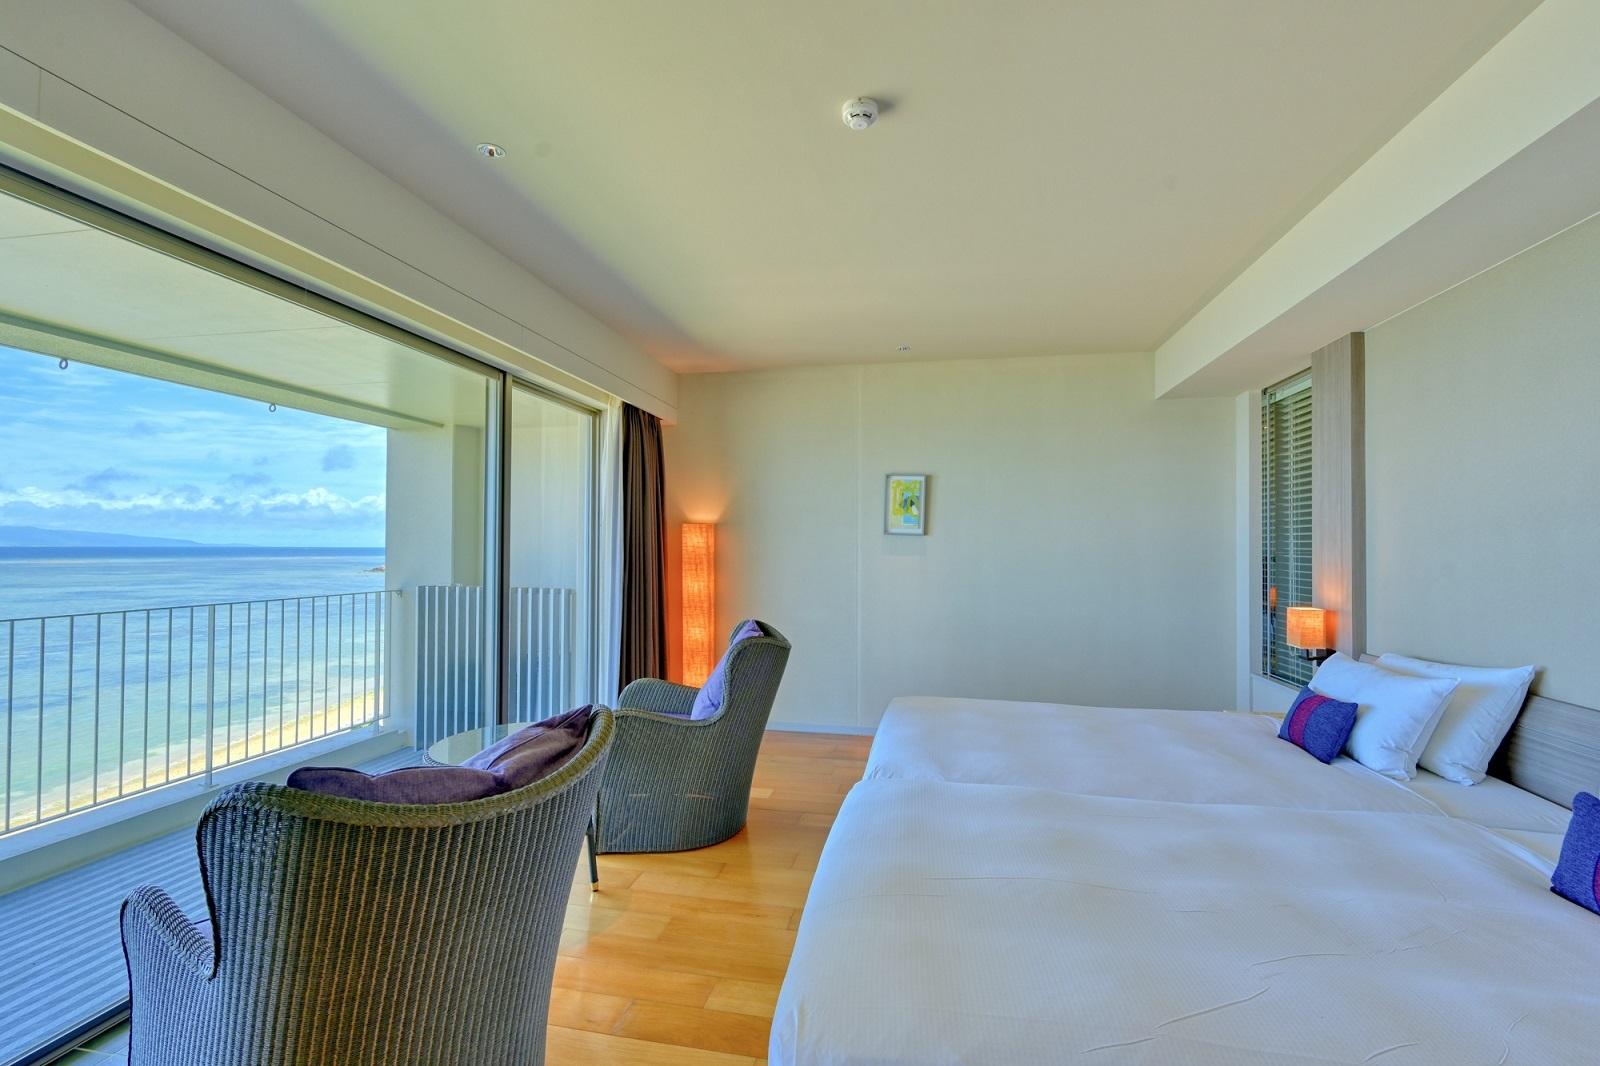 石垣島ビーチホテルサンシャイン / 【新館・禁煙】Ocean Garden ビューバスコンフォート3-4階(40㎡)